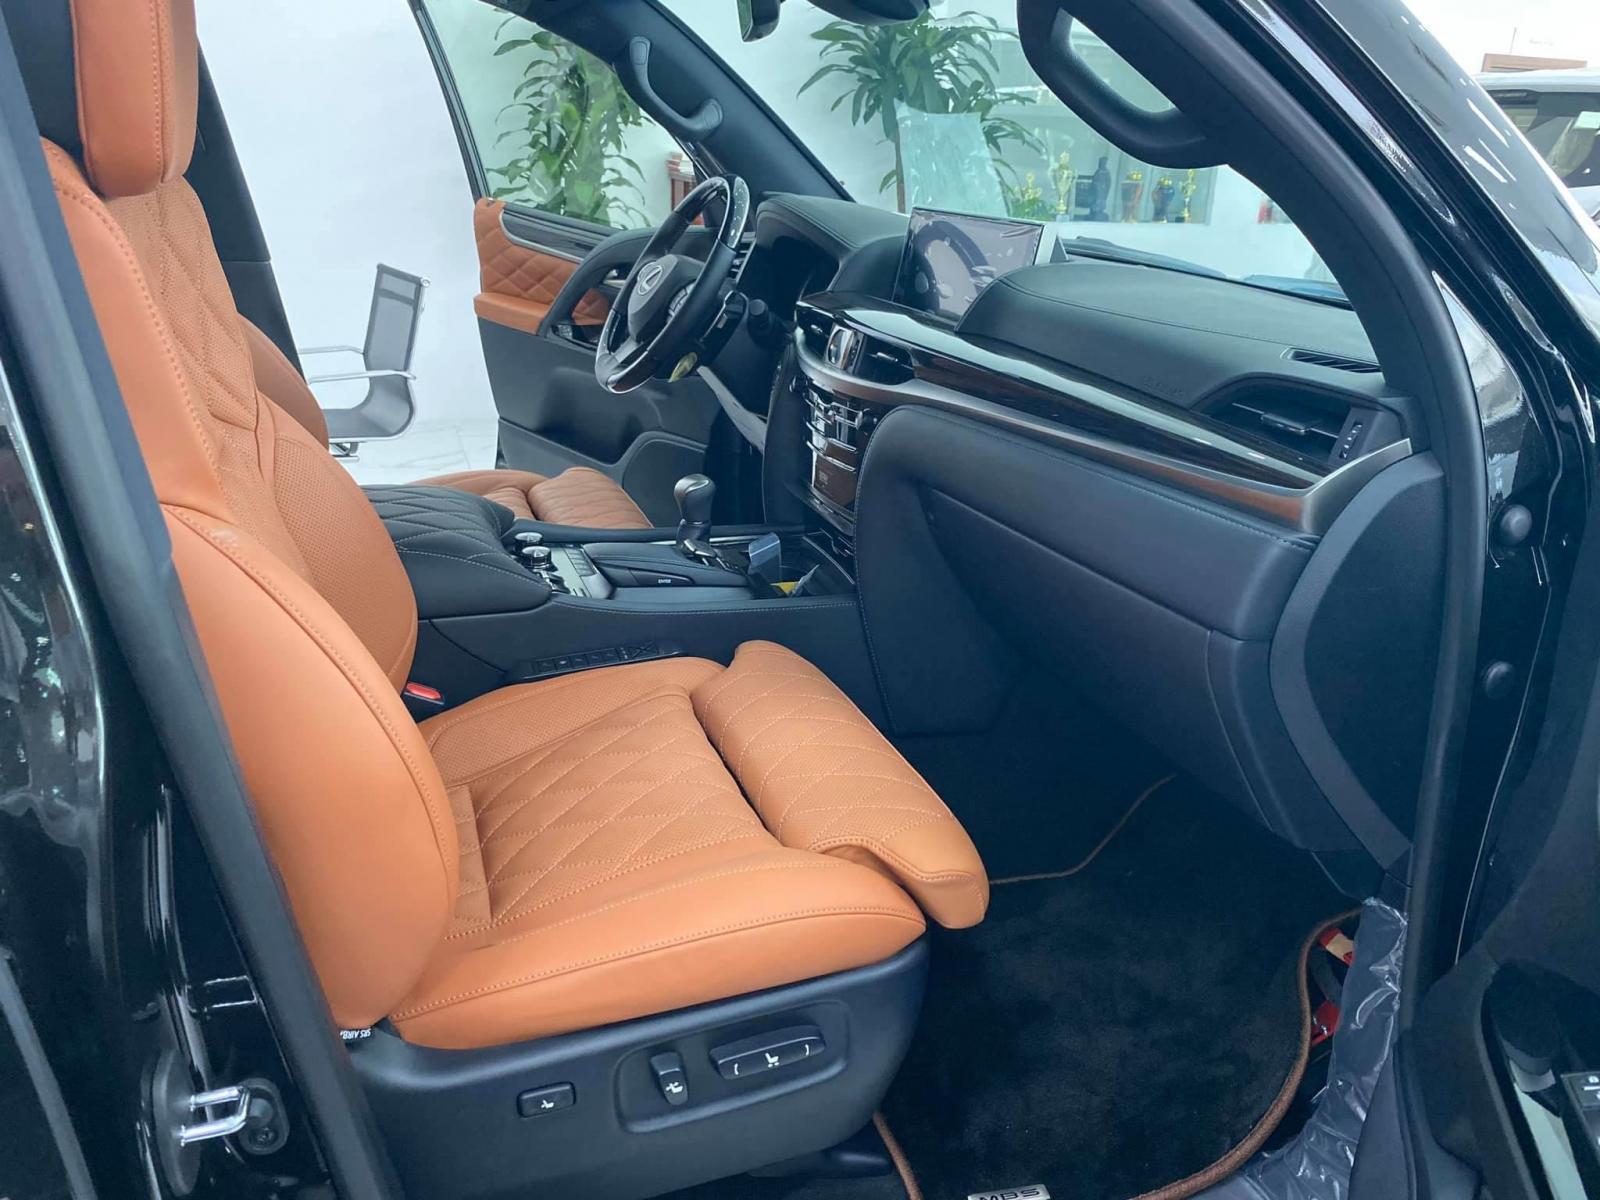 Bán xe Lexus LX 570 MBS, 4 ghế siêu Vip màu đen, sản xuất 2020, xe giao ngay